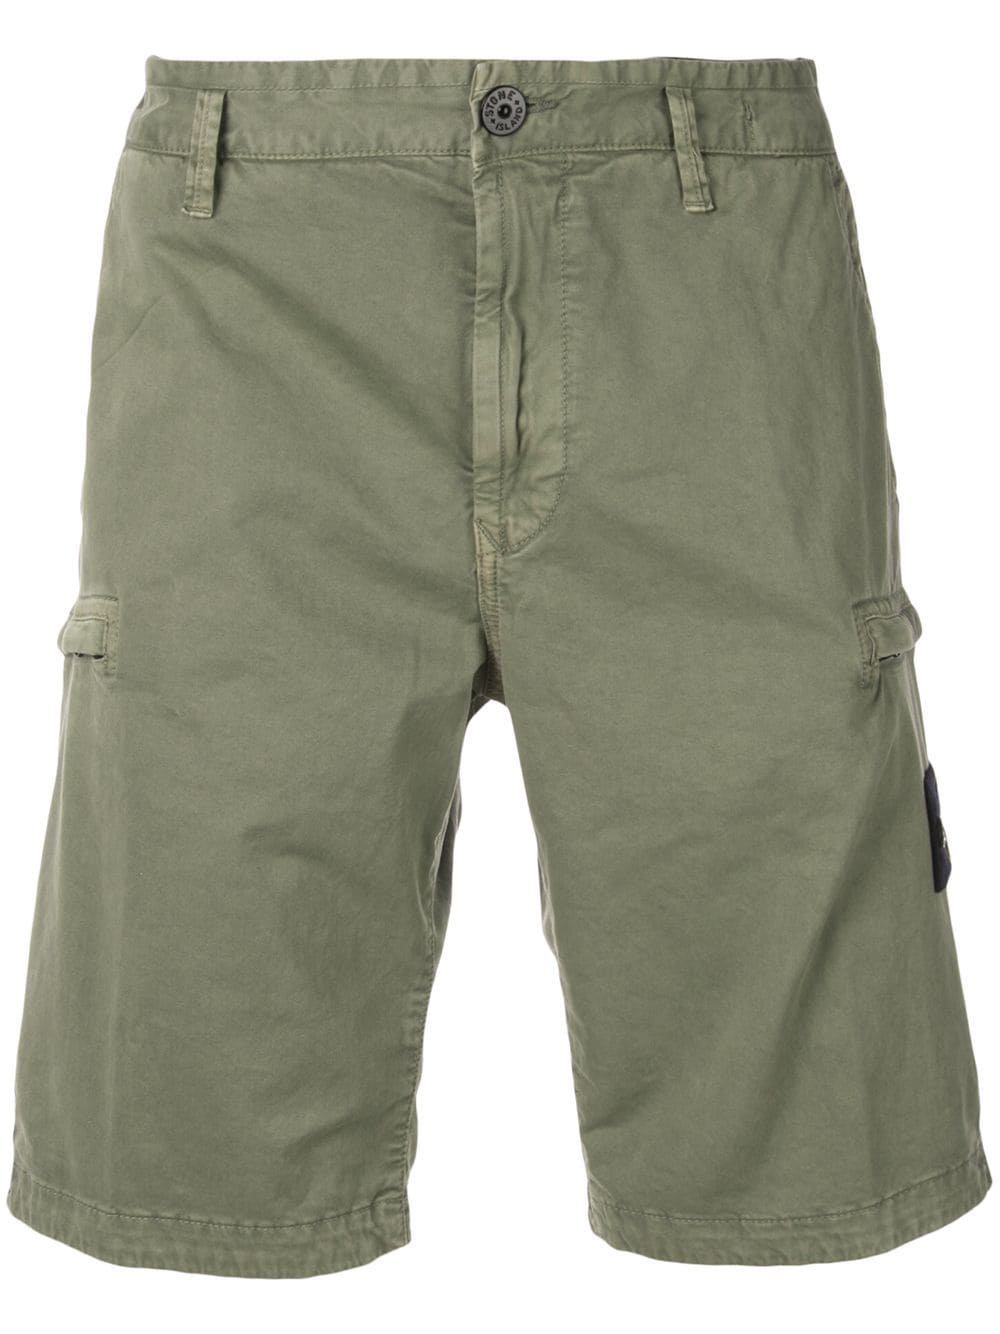 Stone Island Stone Island Logo Patch Cargo Shorts Green Stoneisland Cloth Cargo Shorts Patch Logo